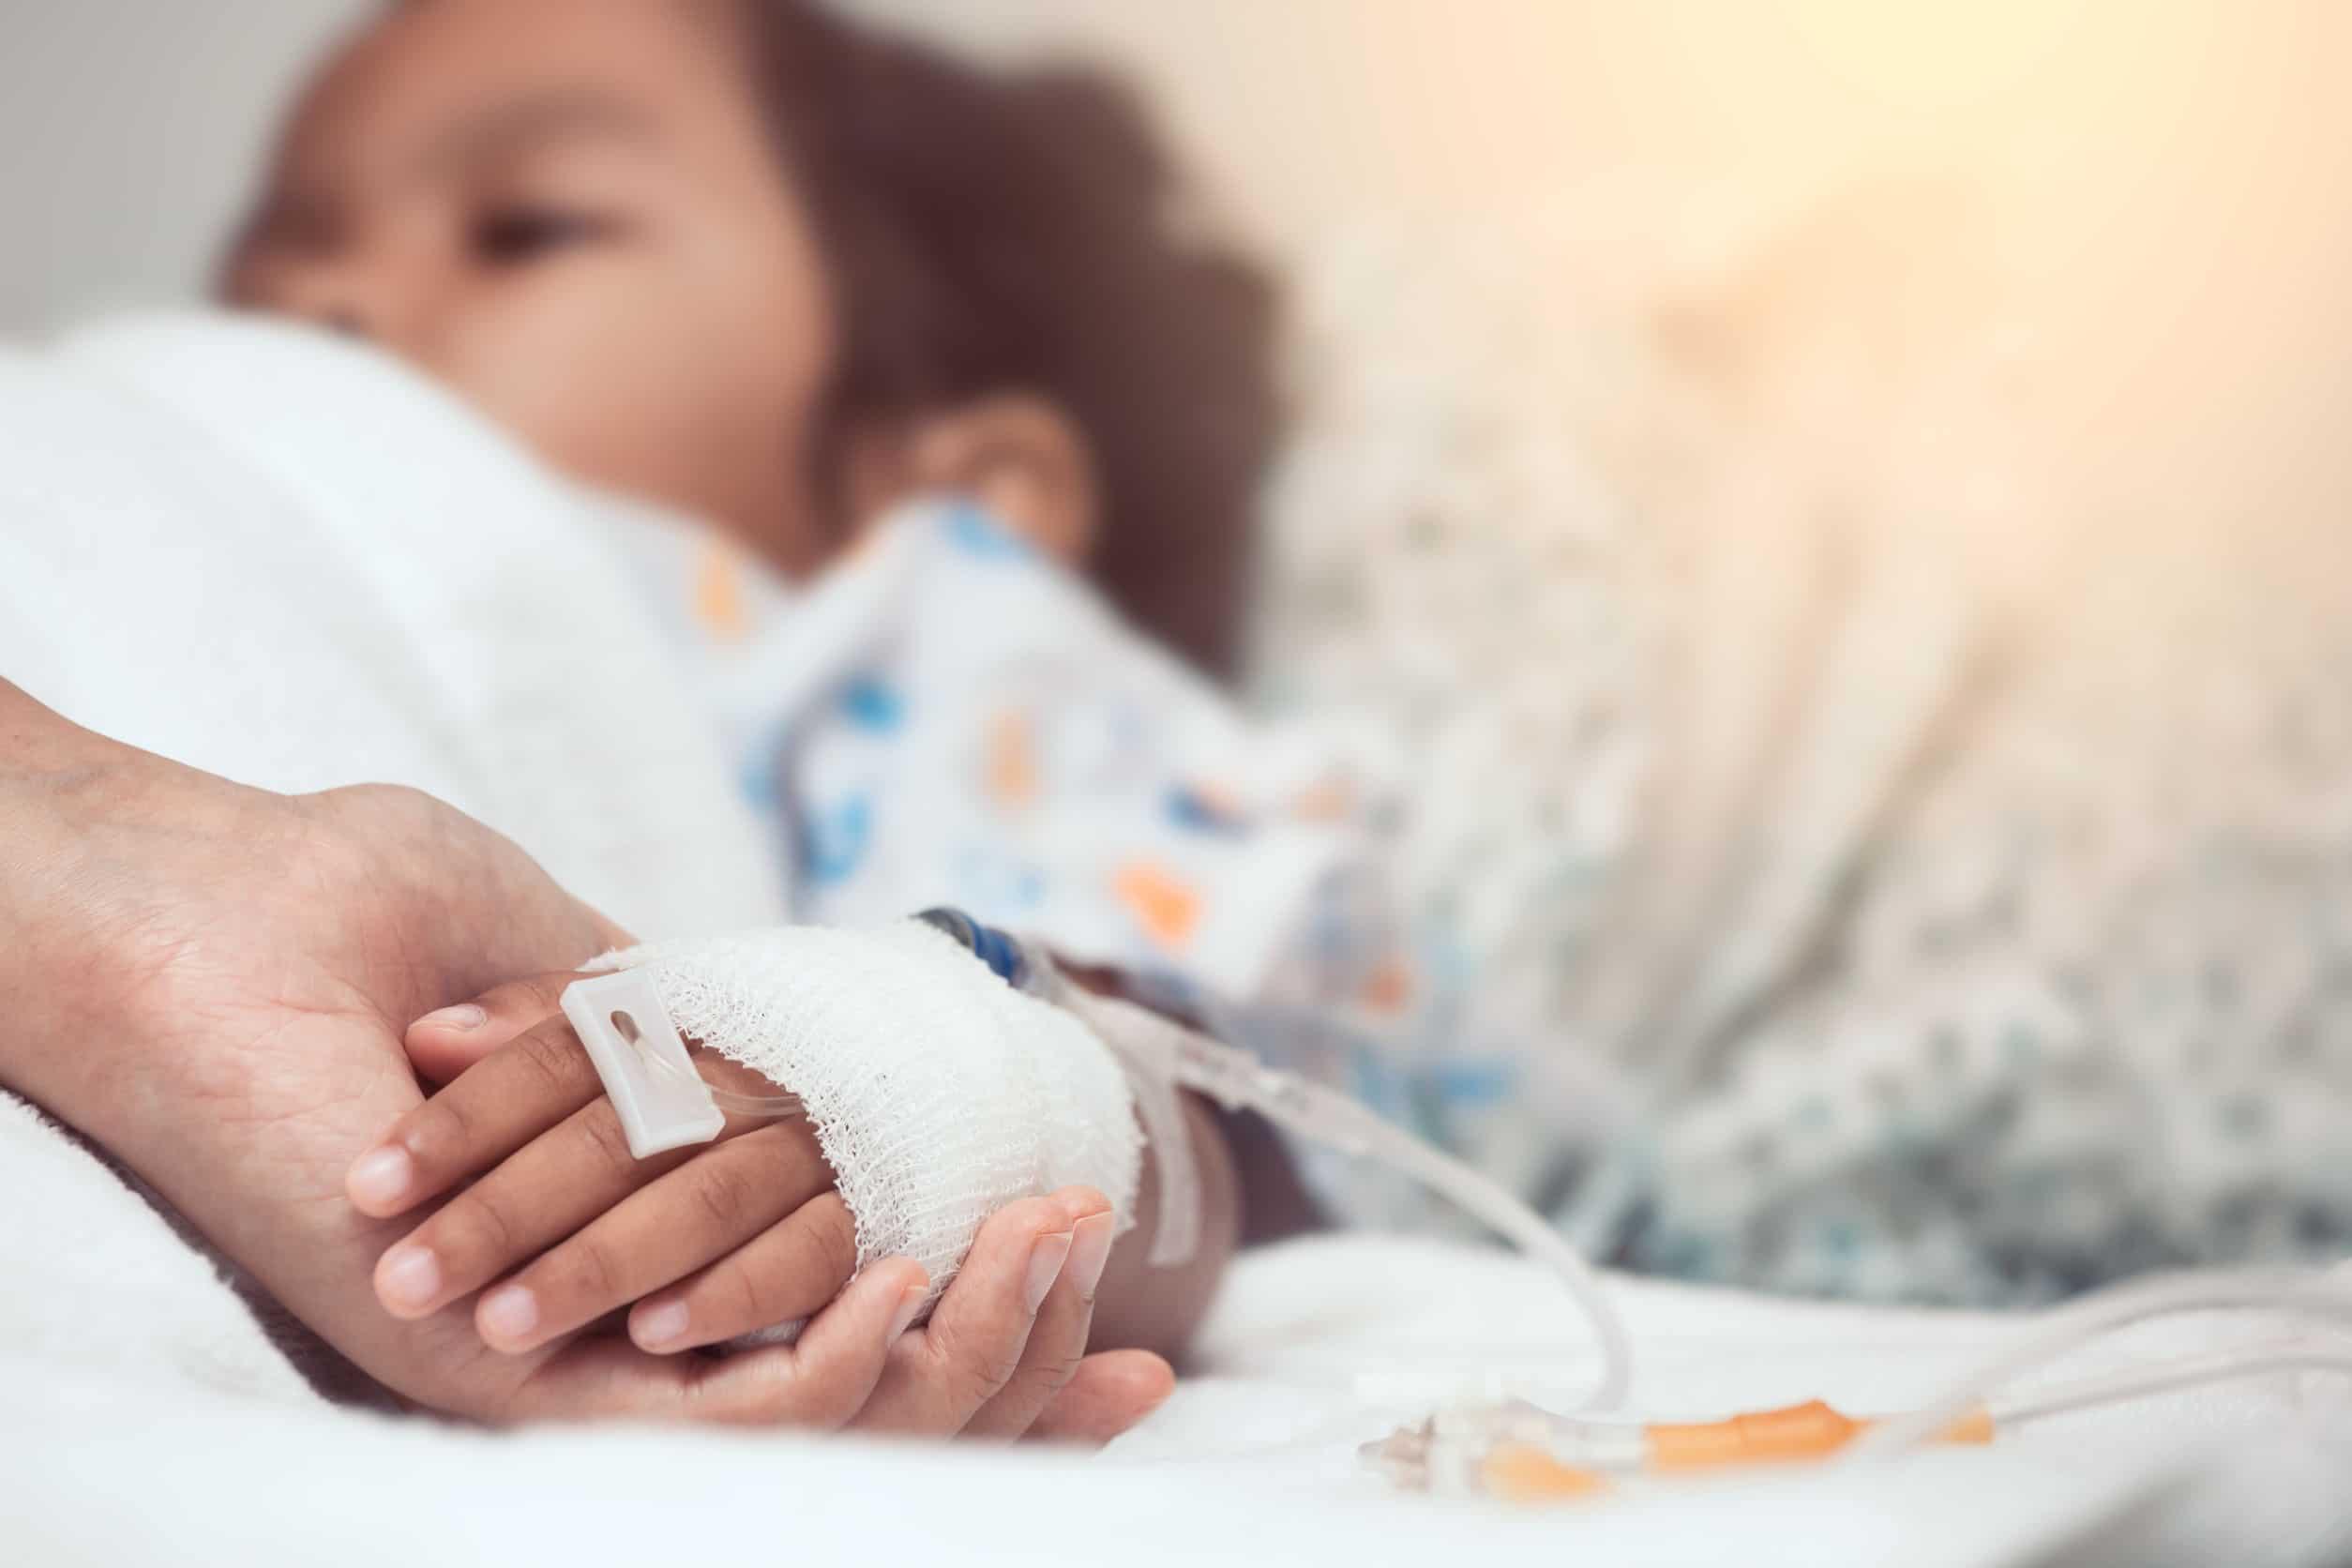 Mão adulta segurando mão de uma criança internada.